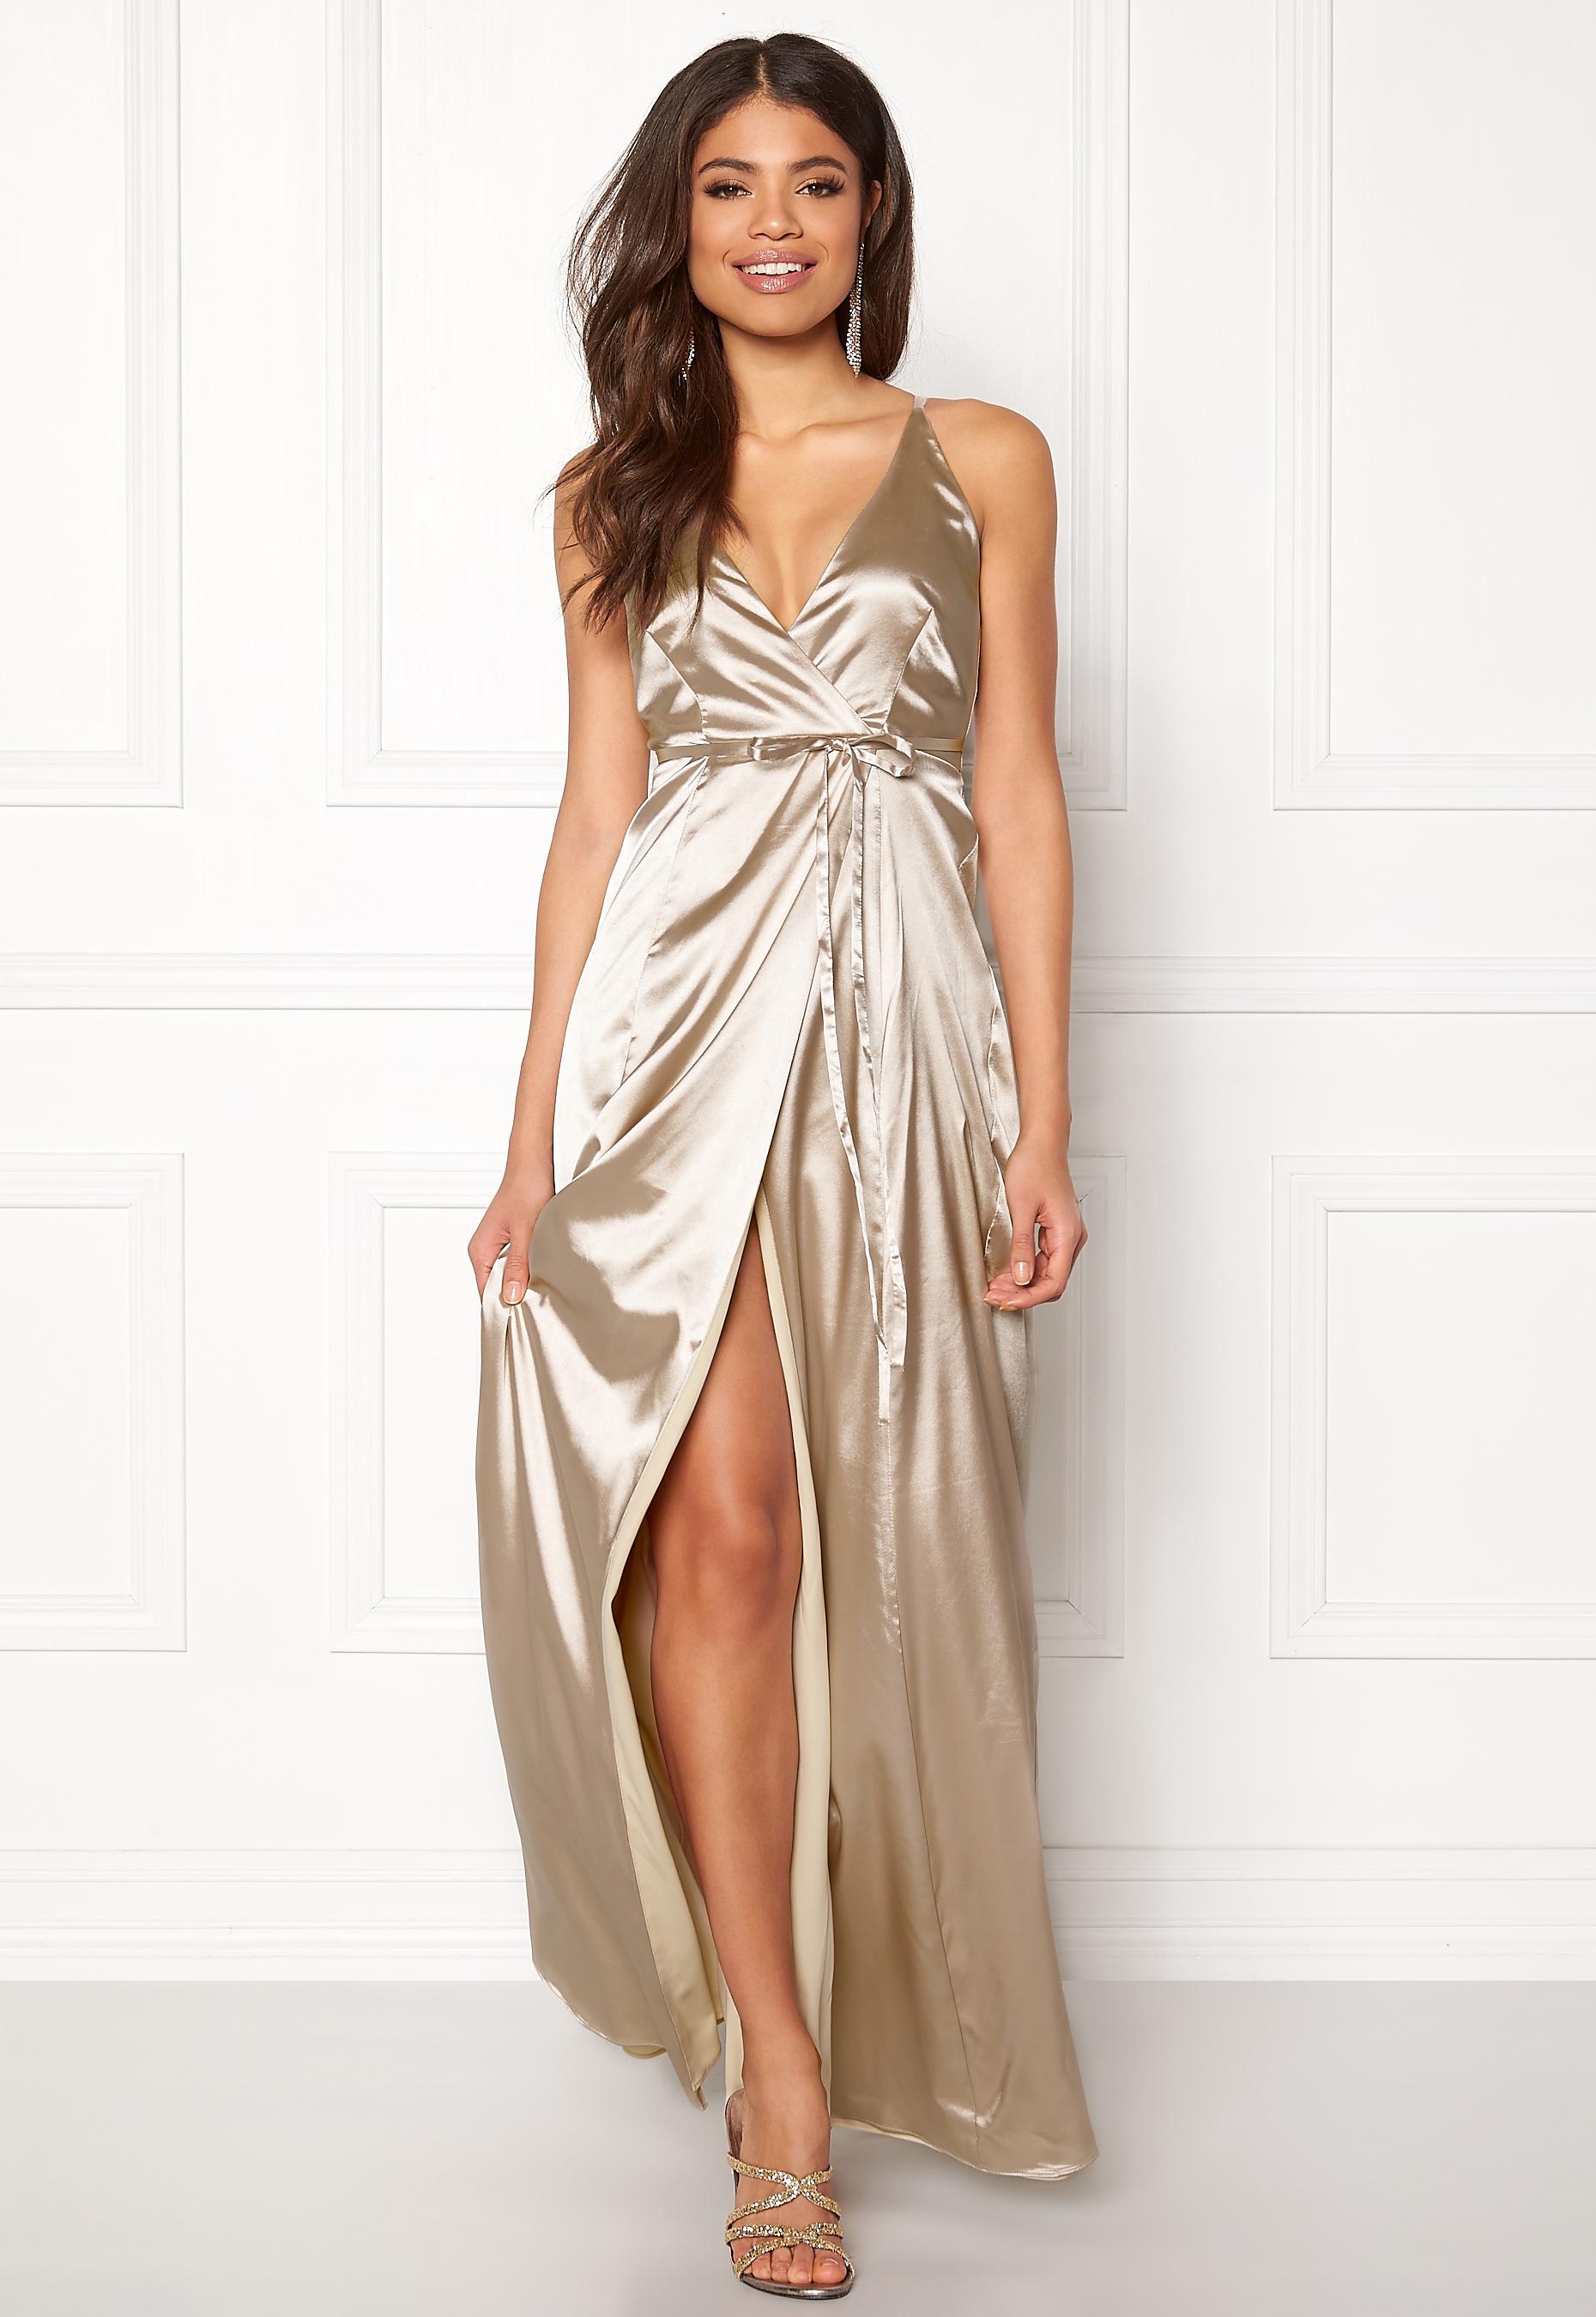 BUBBLEROOM Stella prom dress Champagne - Bubbleroom 4d6d2543e8330